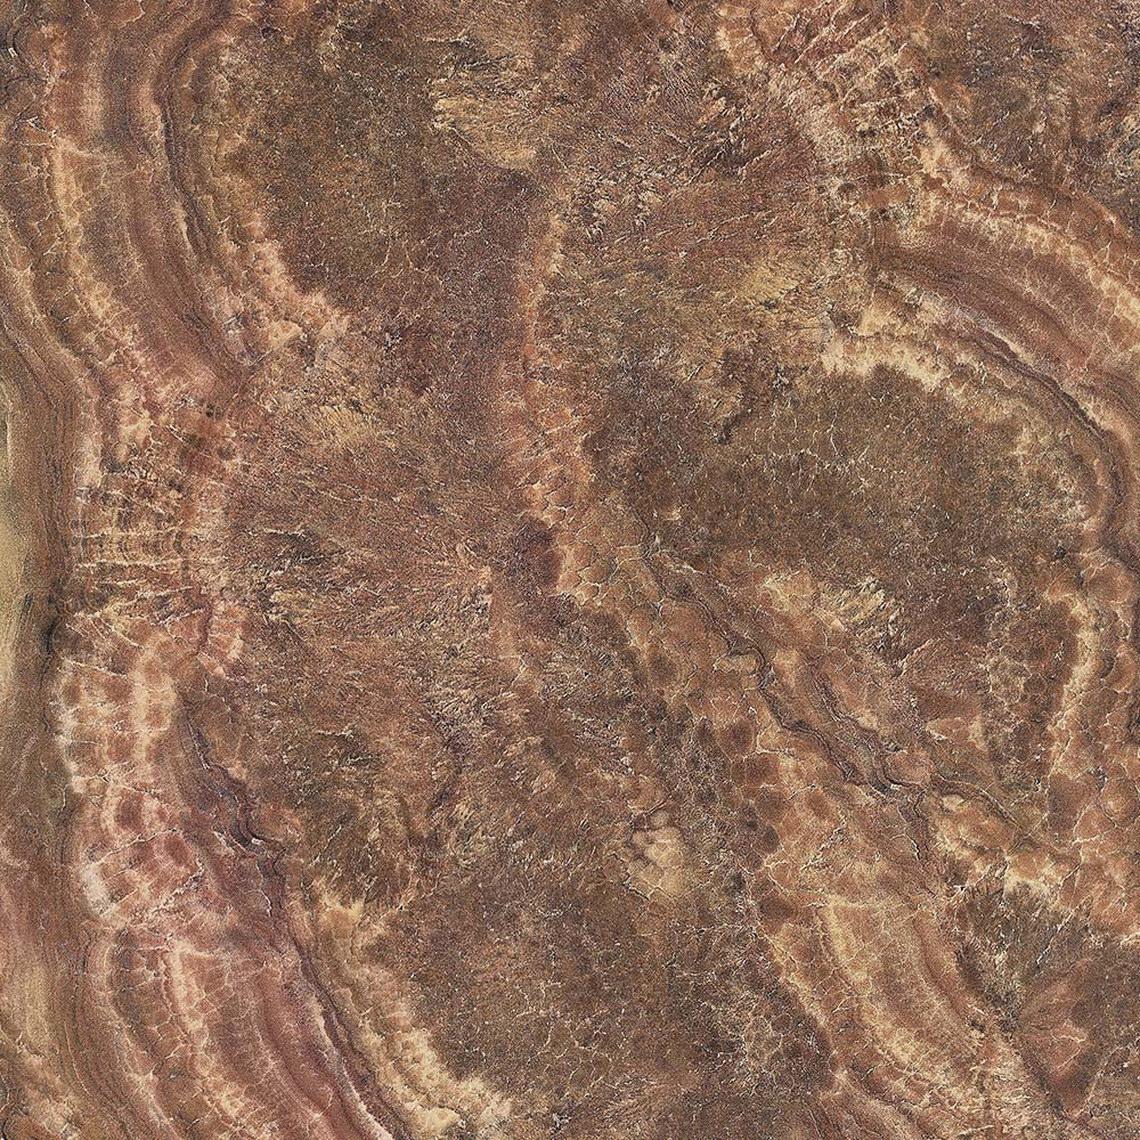 帝龙岩 HPNU60001(600mmX600mm)